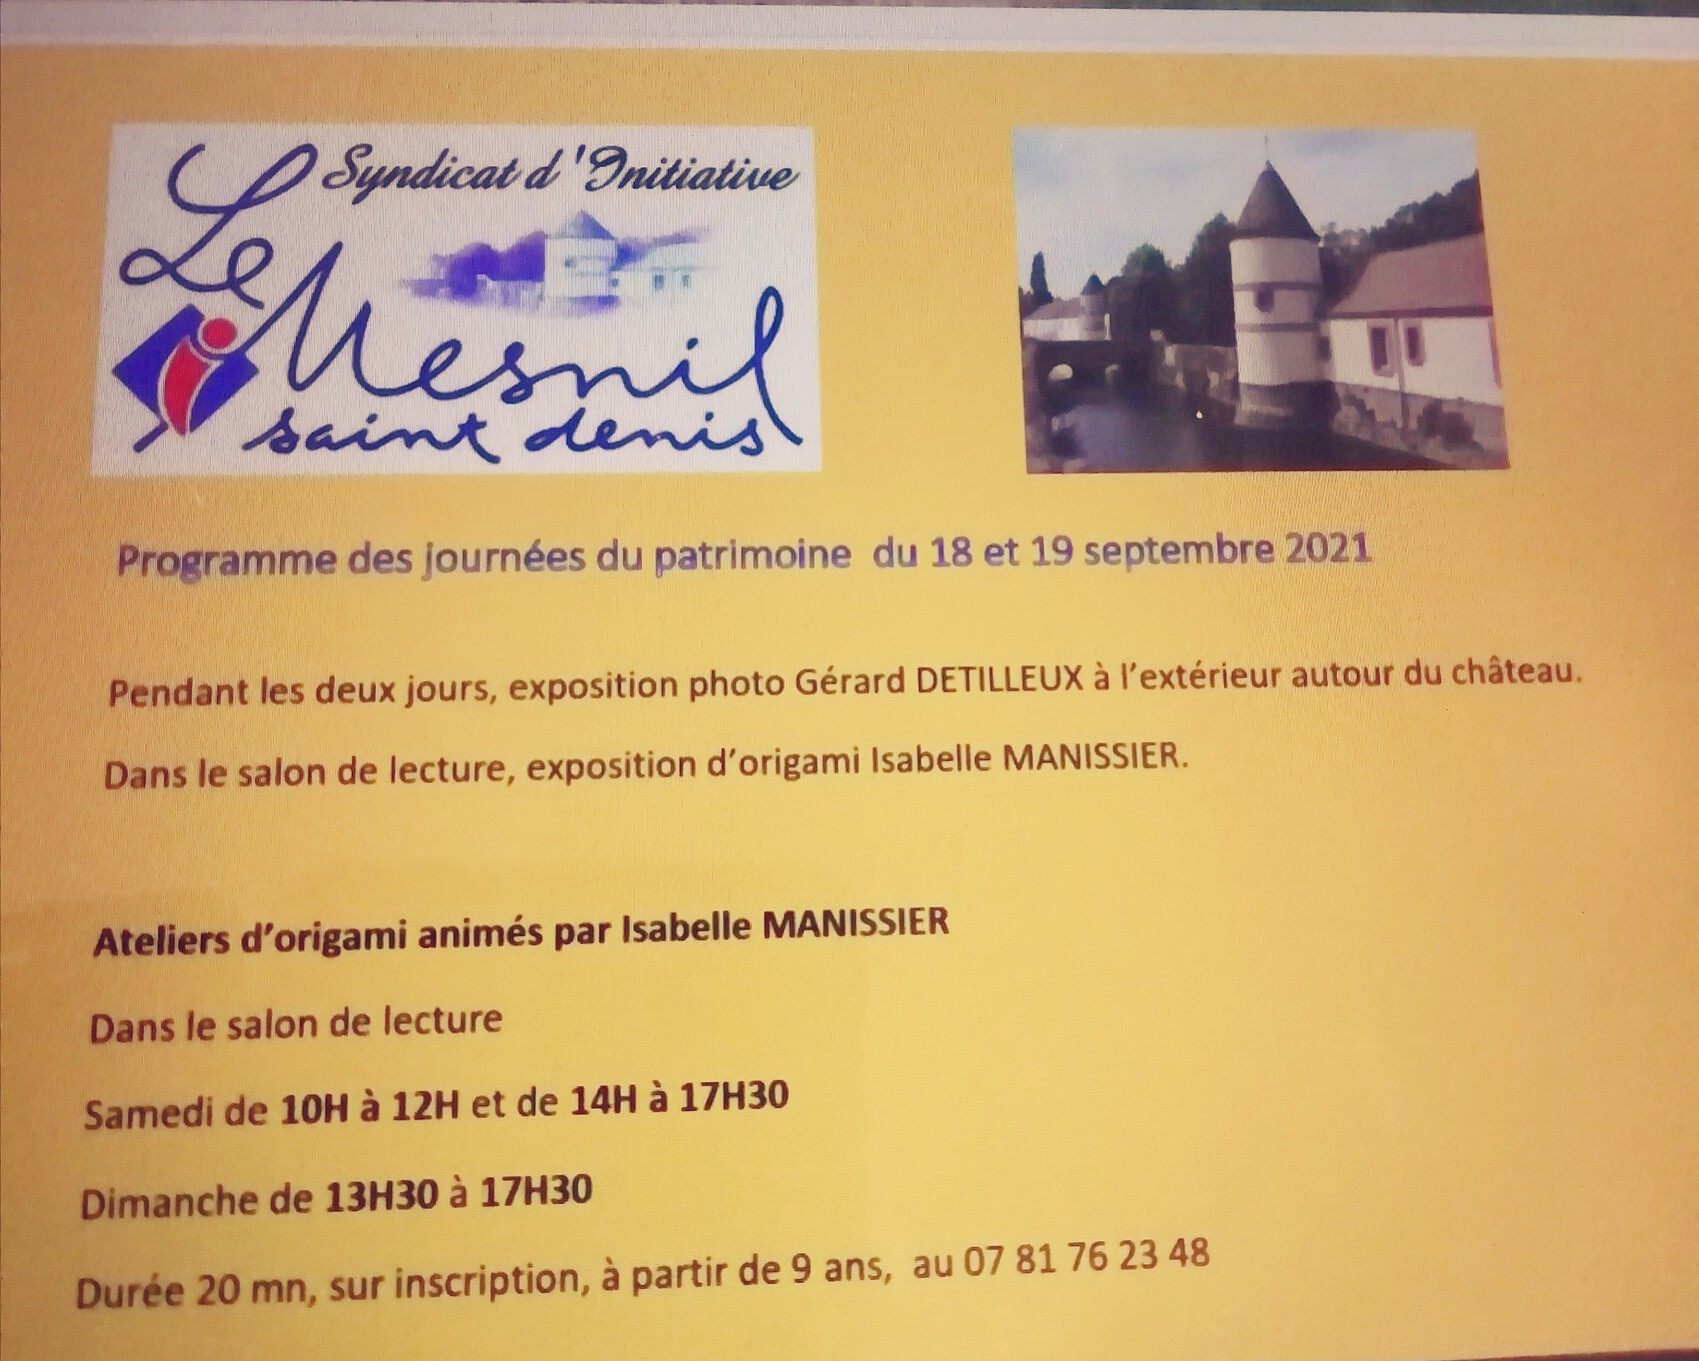 Journée du patrimoine